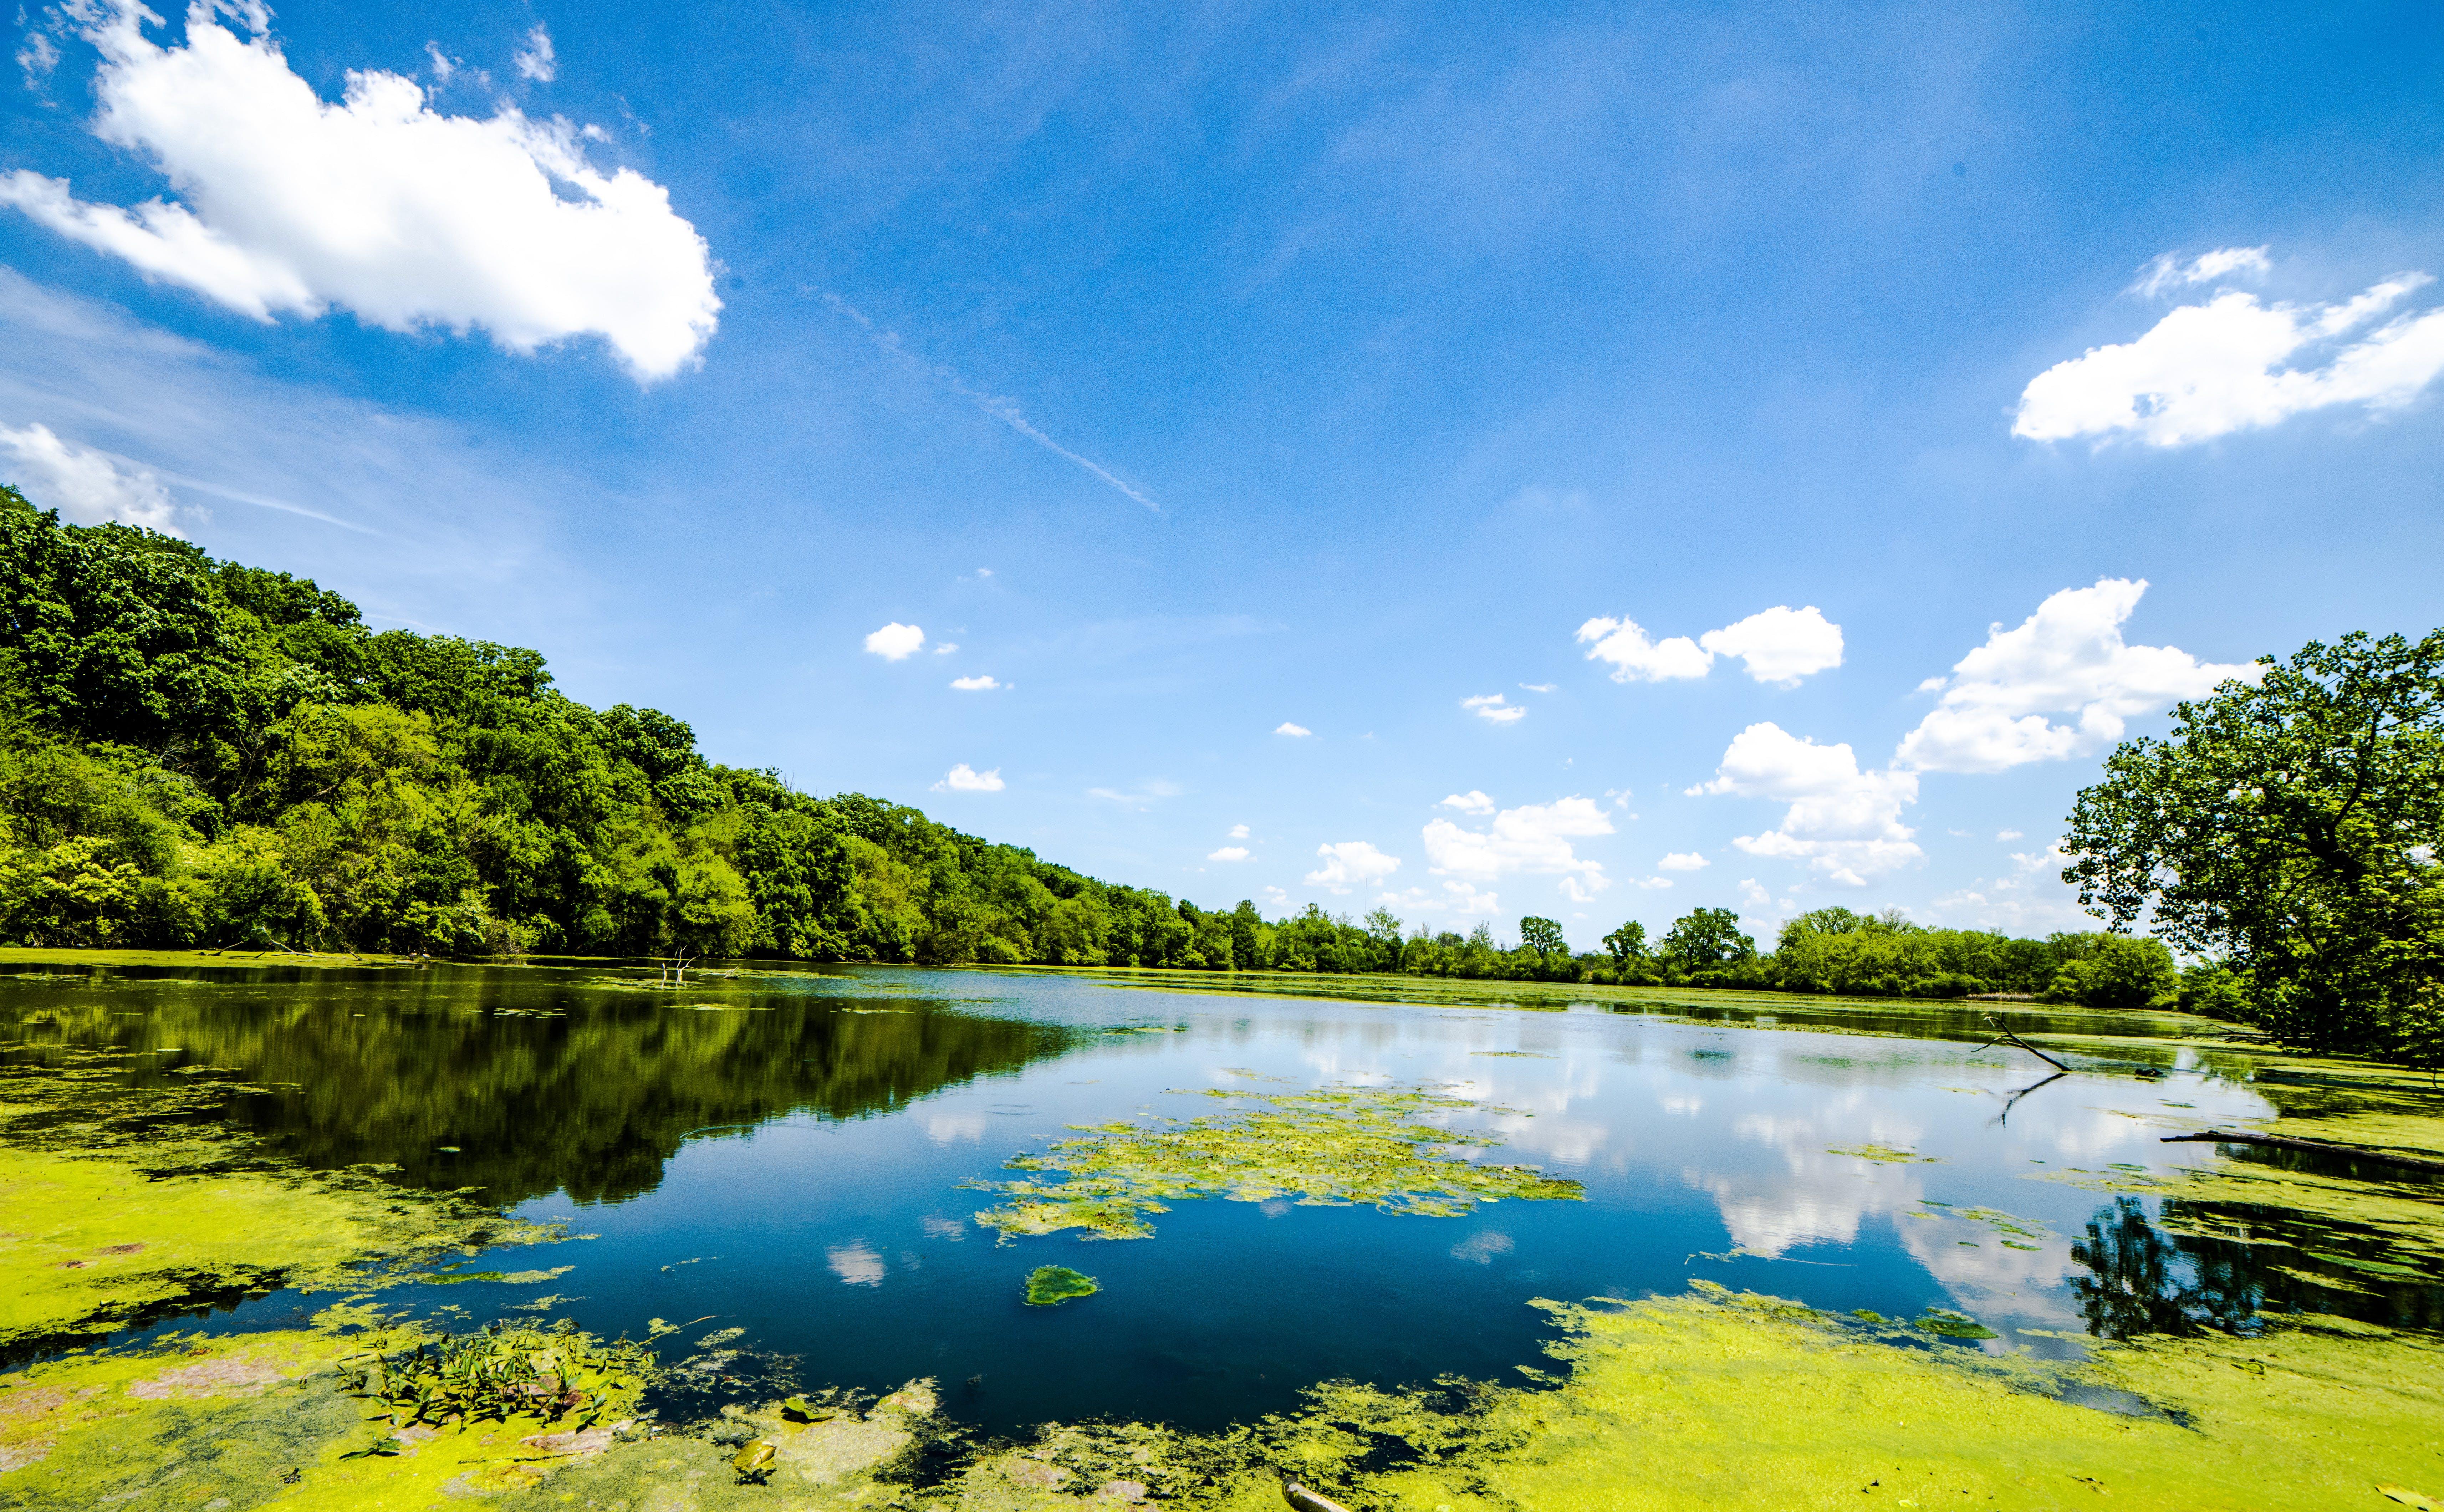 Gratis arkivbilde med naturskjønn, refleksjon, sky, vann